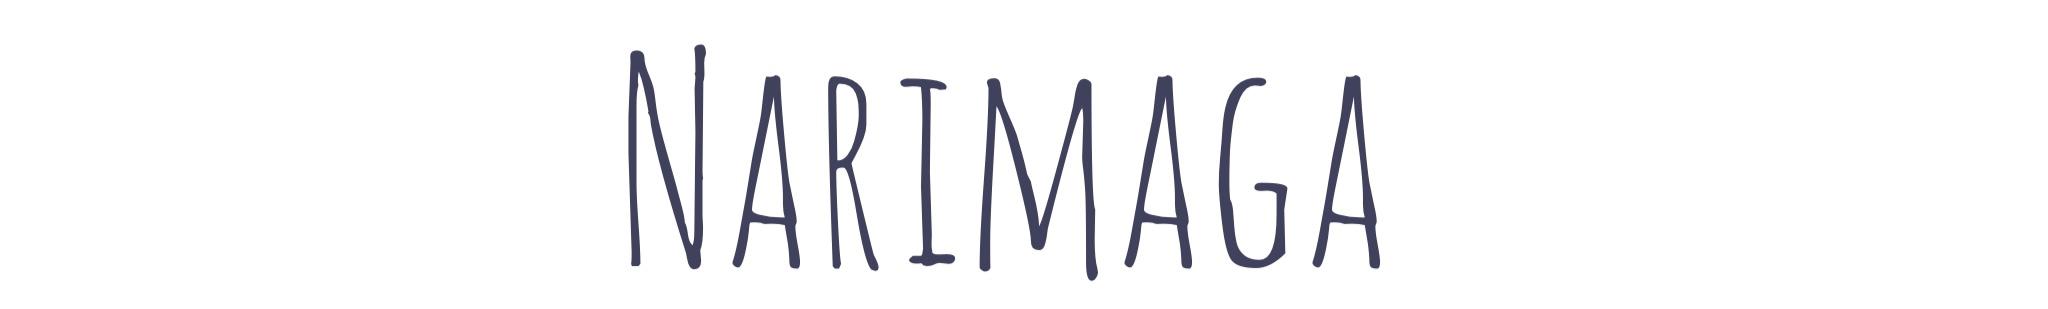 Narimaga-ナリマガ-